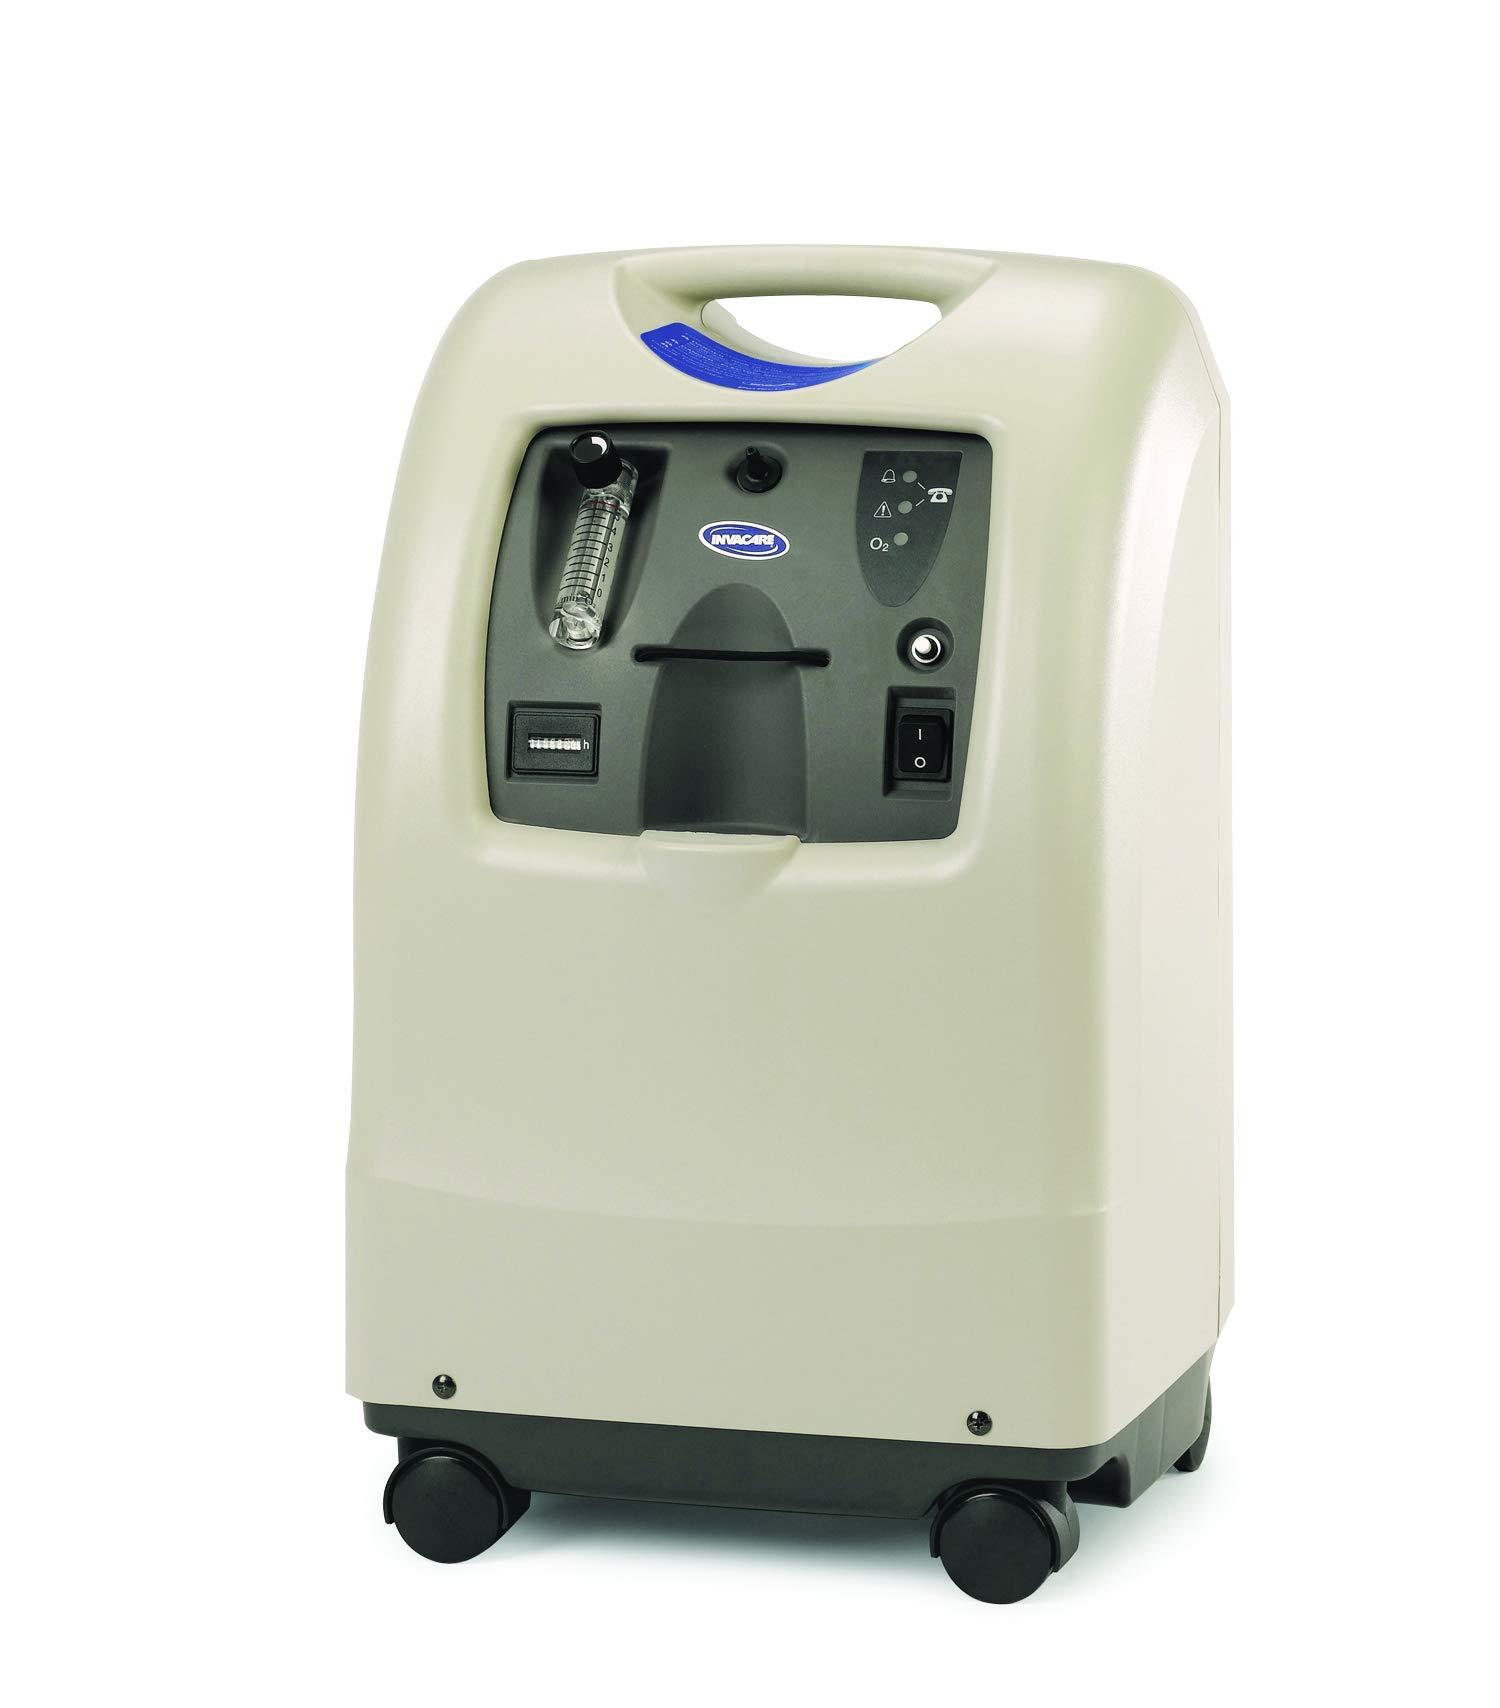 Invacare IRC5PO2V Perfecto2 V Oxygen Concentrator